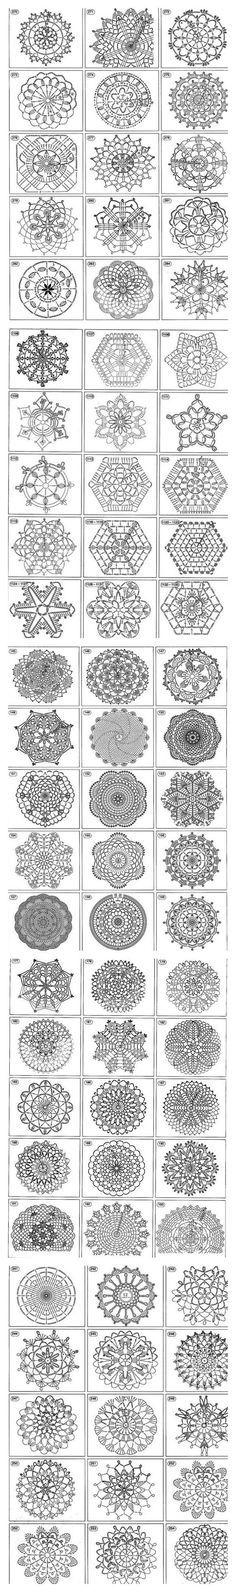 Crochet Motif Charts...   crochê, knit and embroider   Pinterest ...